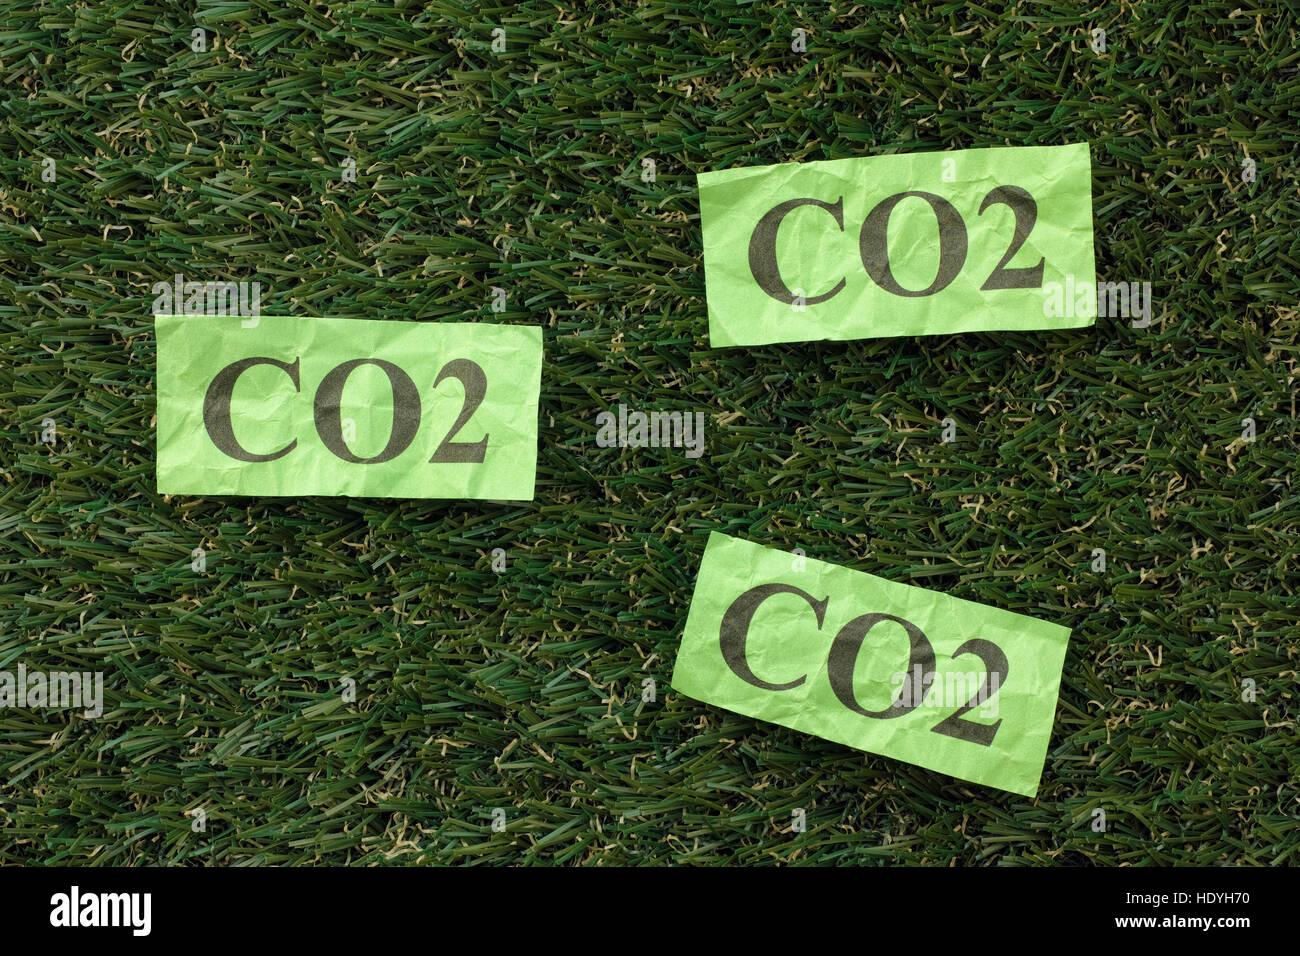 Il biossido di carbonio Cloud (CO2) su un prato verde. Concetto di immagine. Close up. Immagini Stock